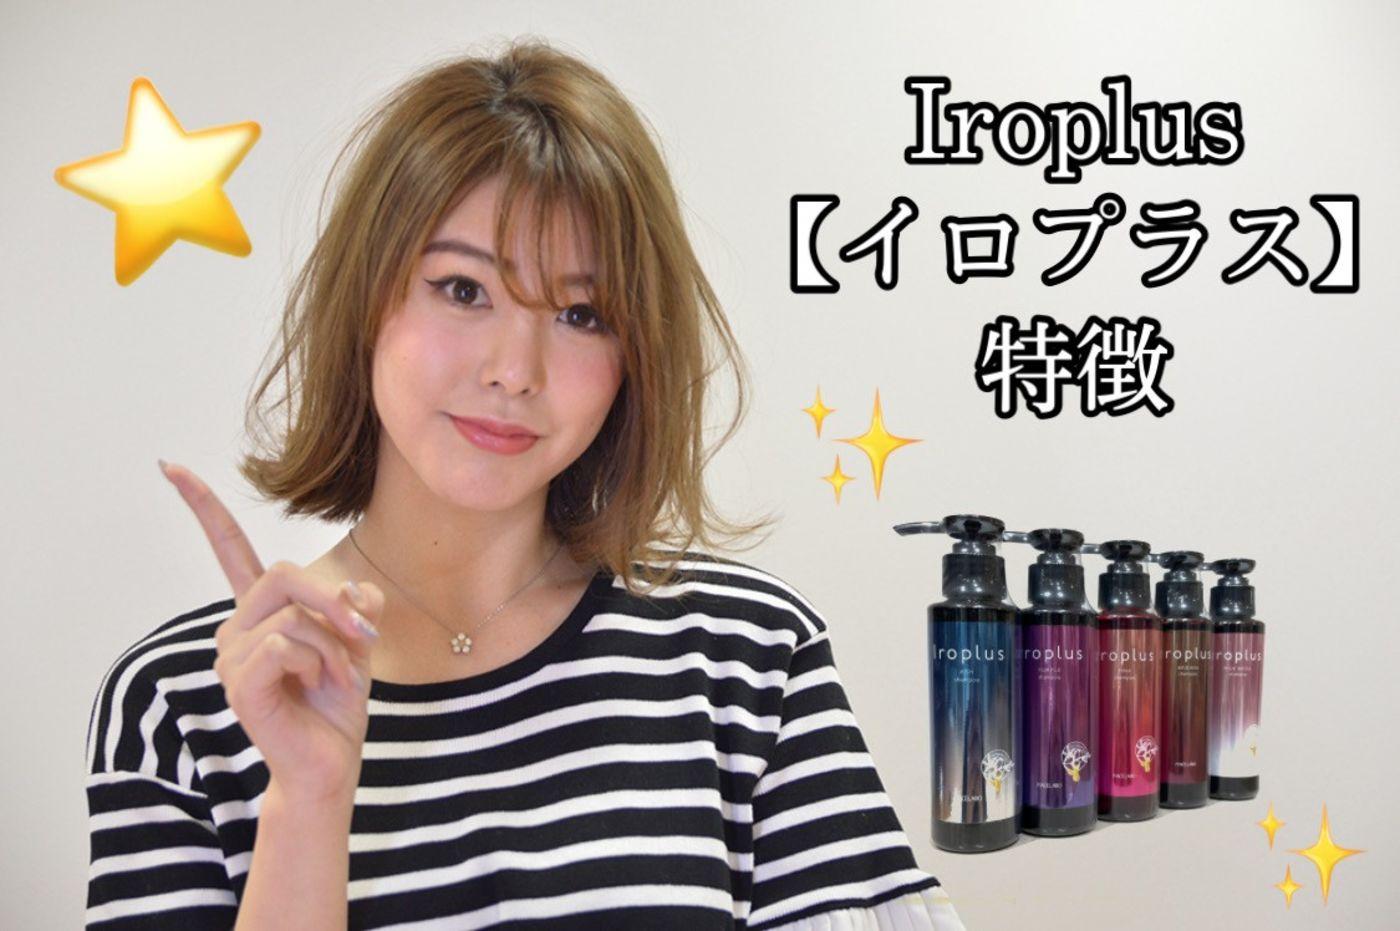 Iroplus【イロプラス】の特徴